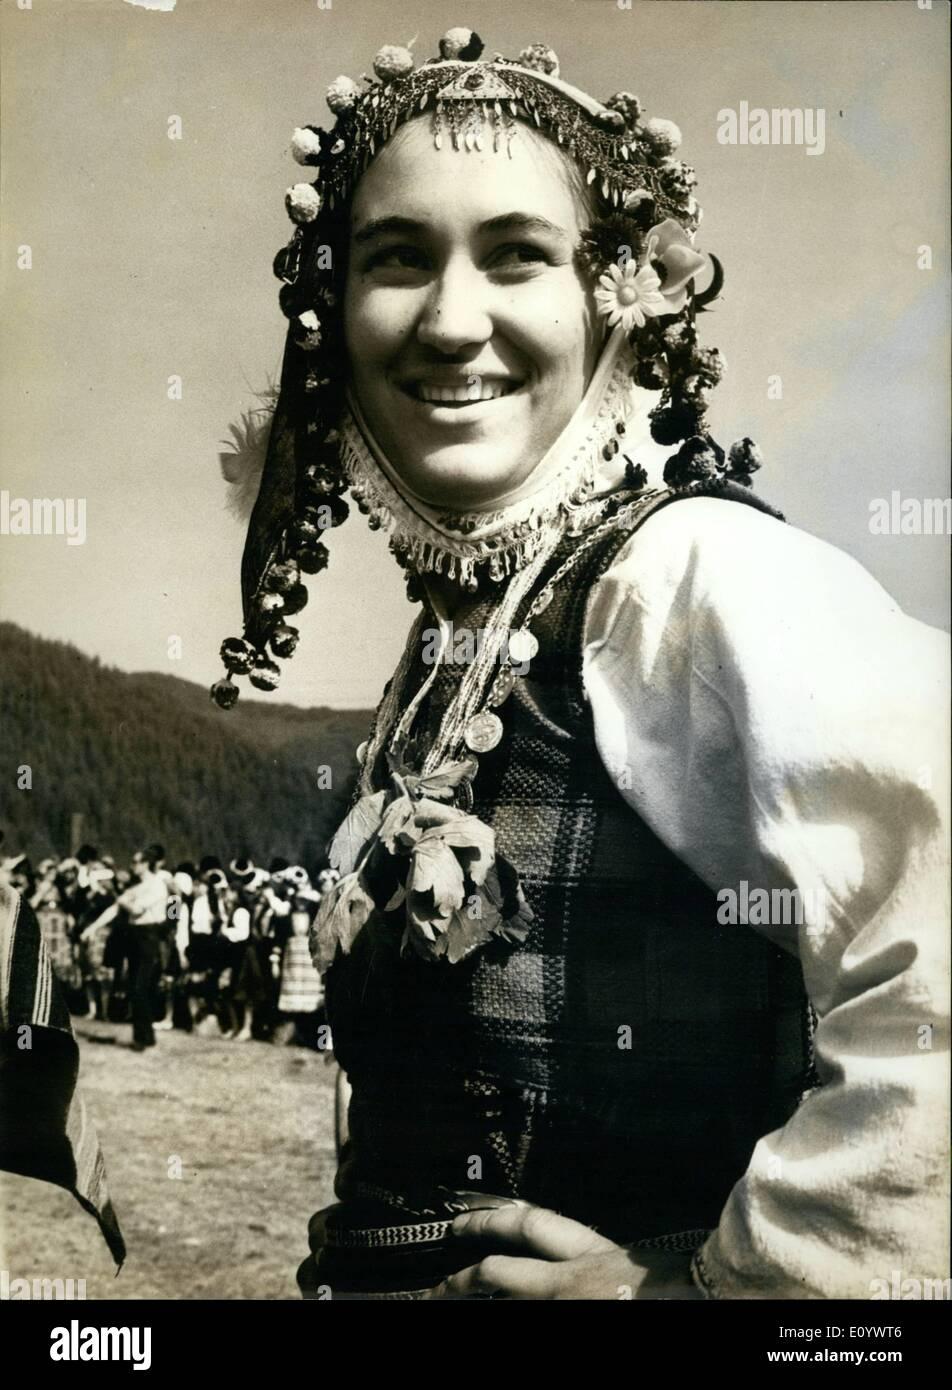 Agosto 08, 1971 - Festival de Folklore: OPS: Uno de los muchos participantes en el festival. Imagen De Stock